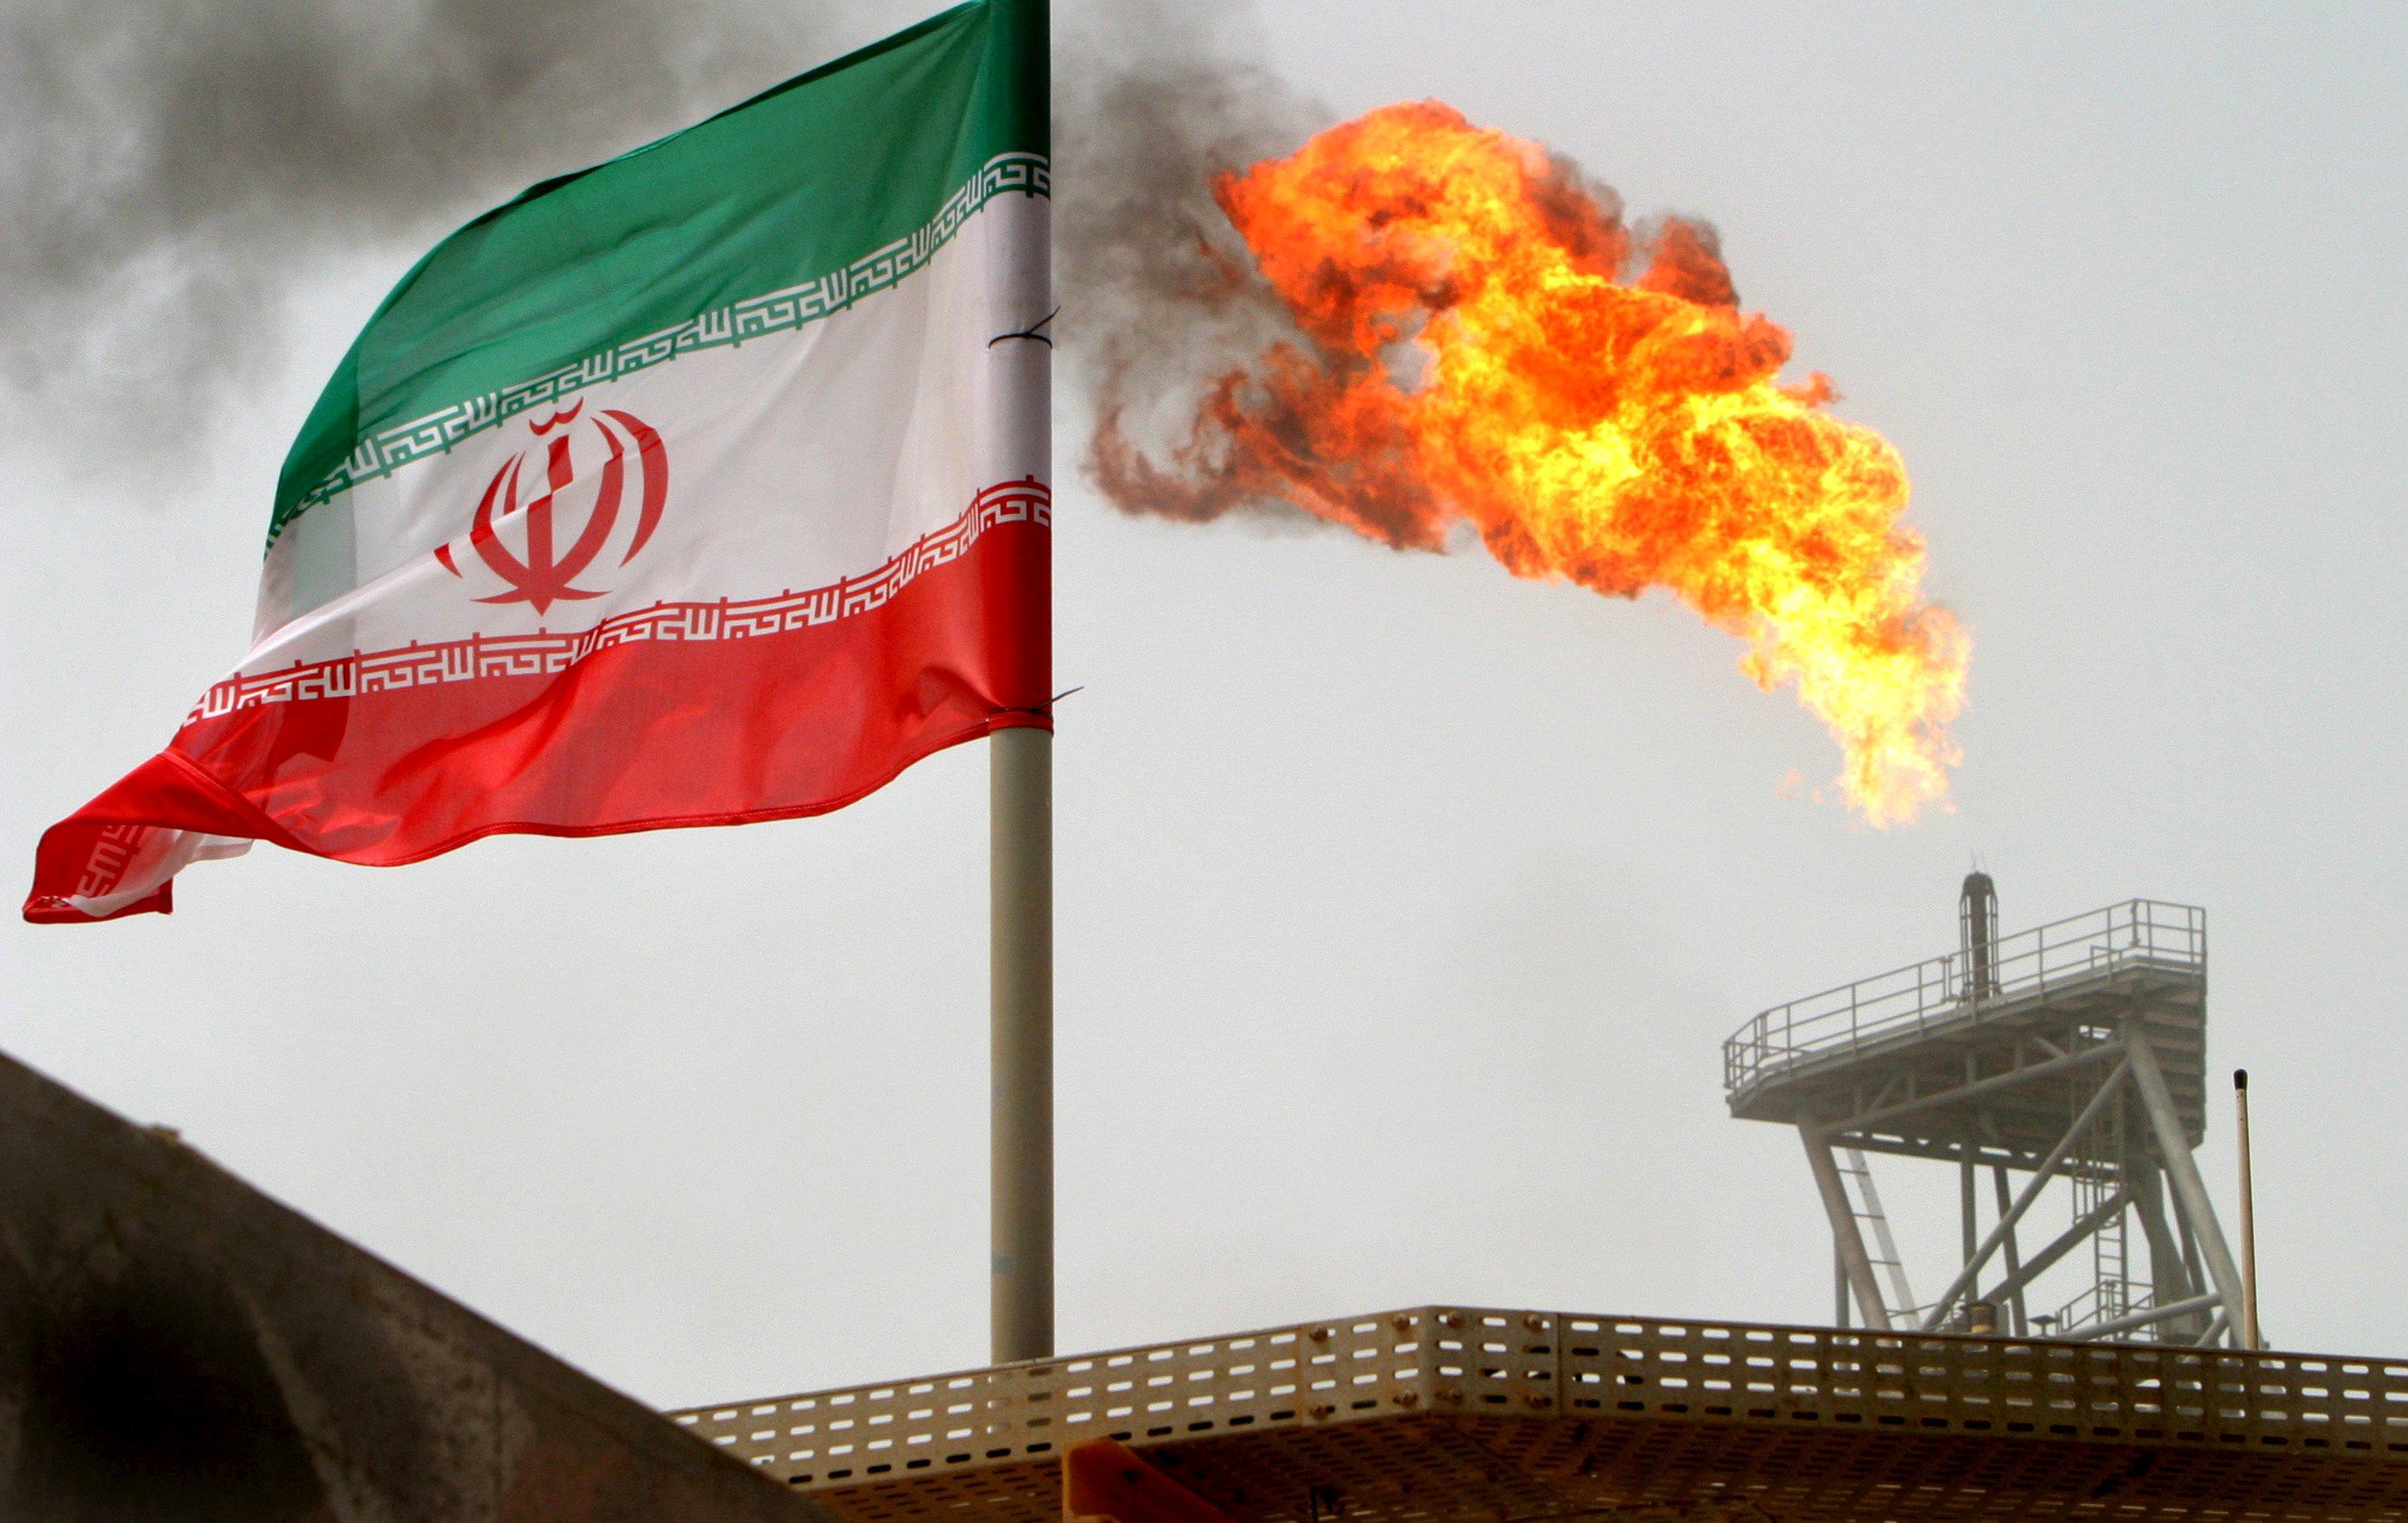 Le pétrole porté par la première vague de sanctions américaines sur